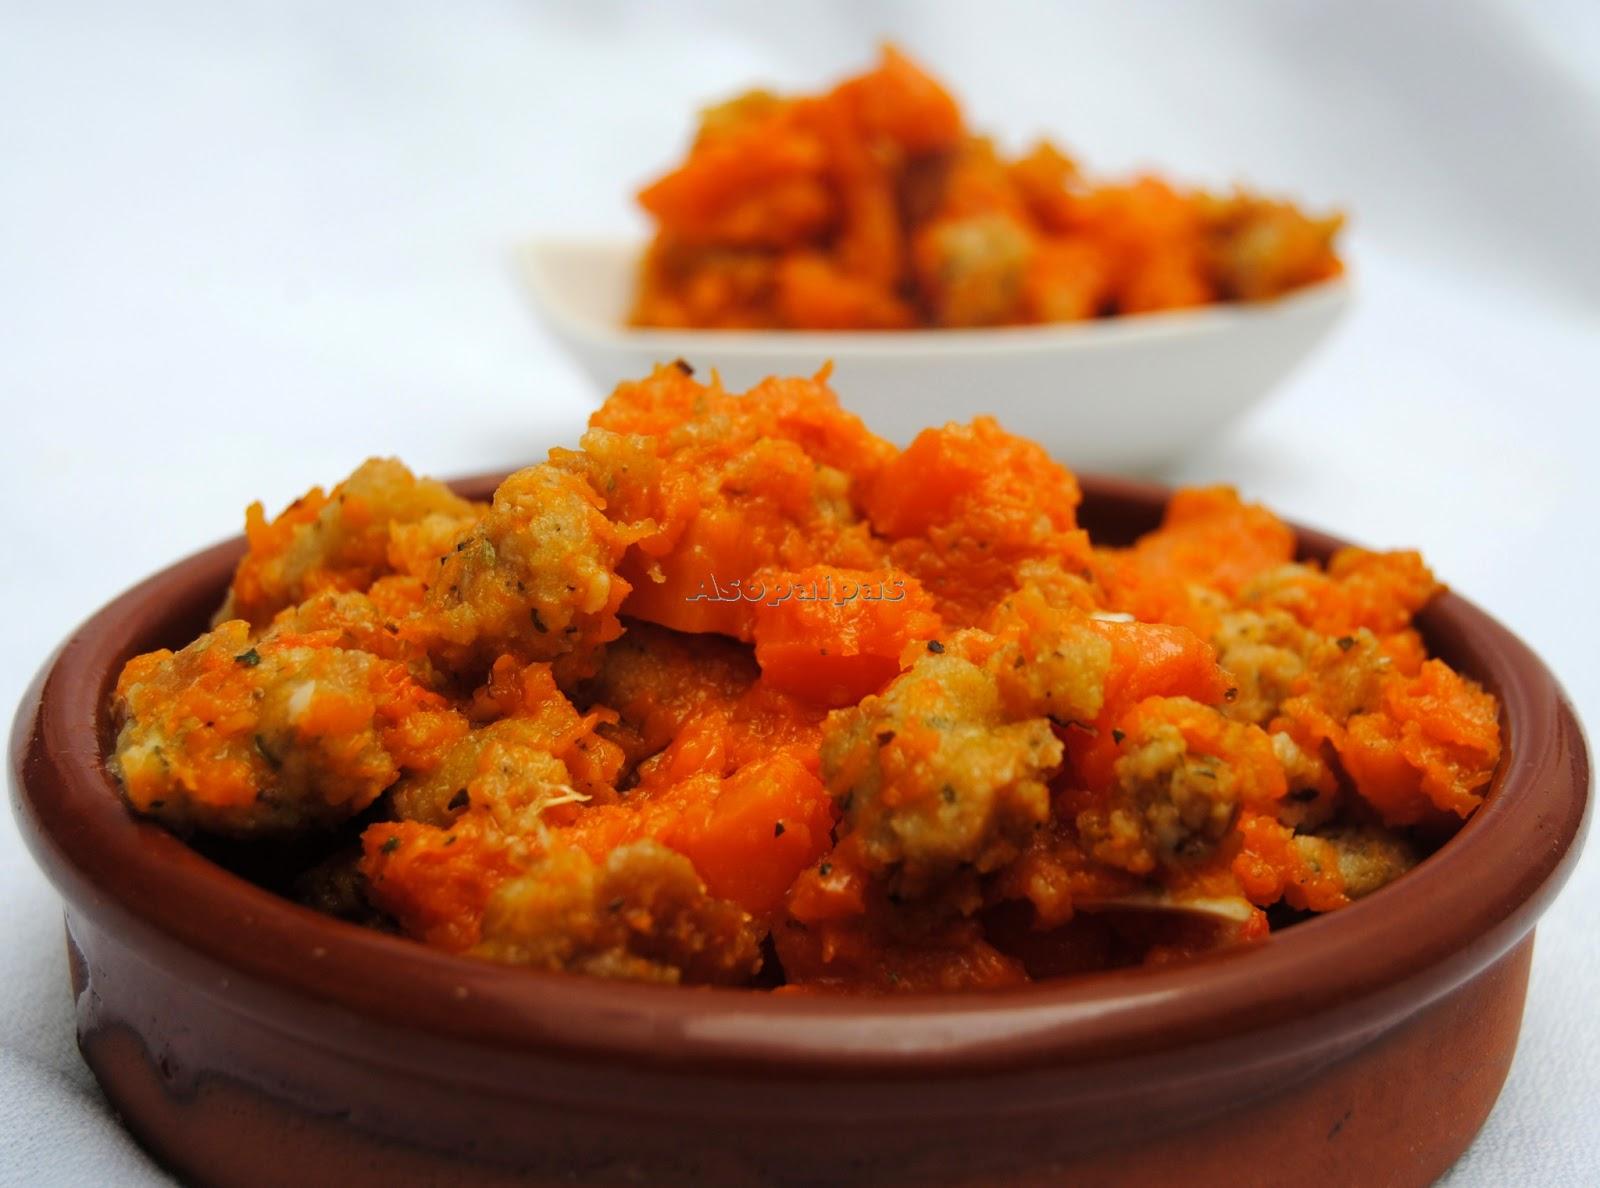 Calabaza Frita Receta Asopaipas Recetas De Cocina Casera - Recetas-de-calabaza-frita